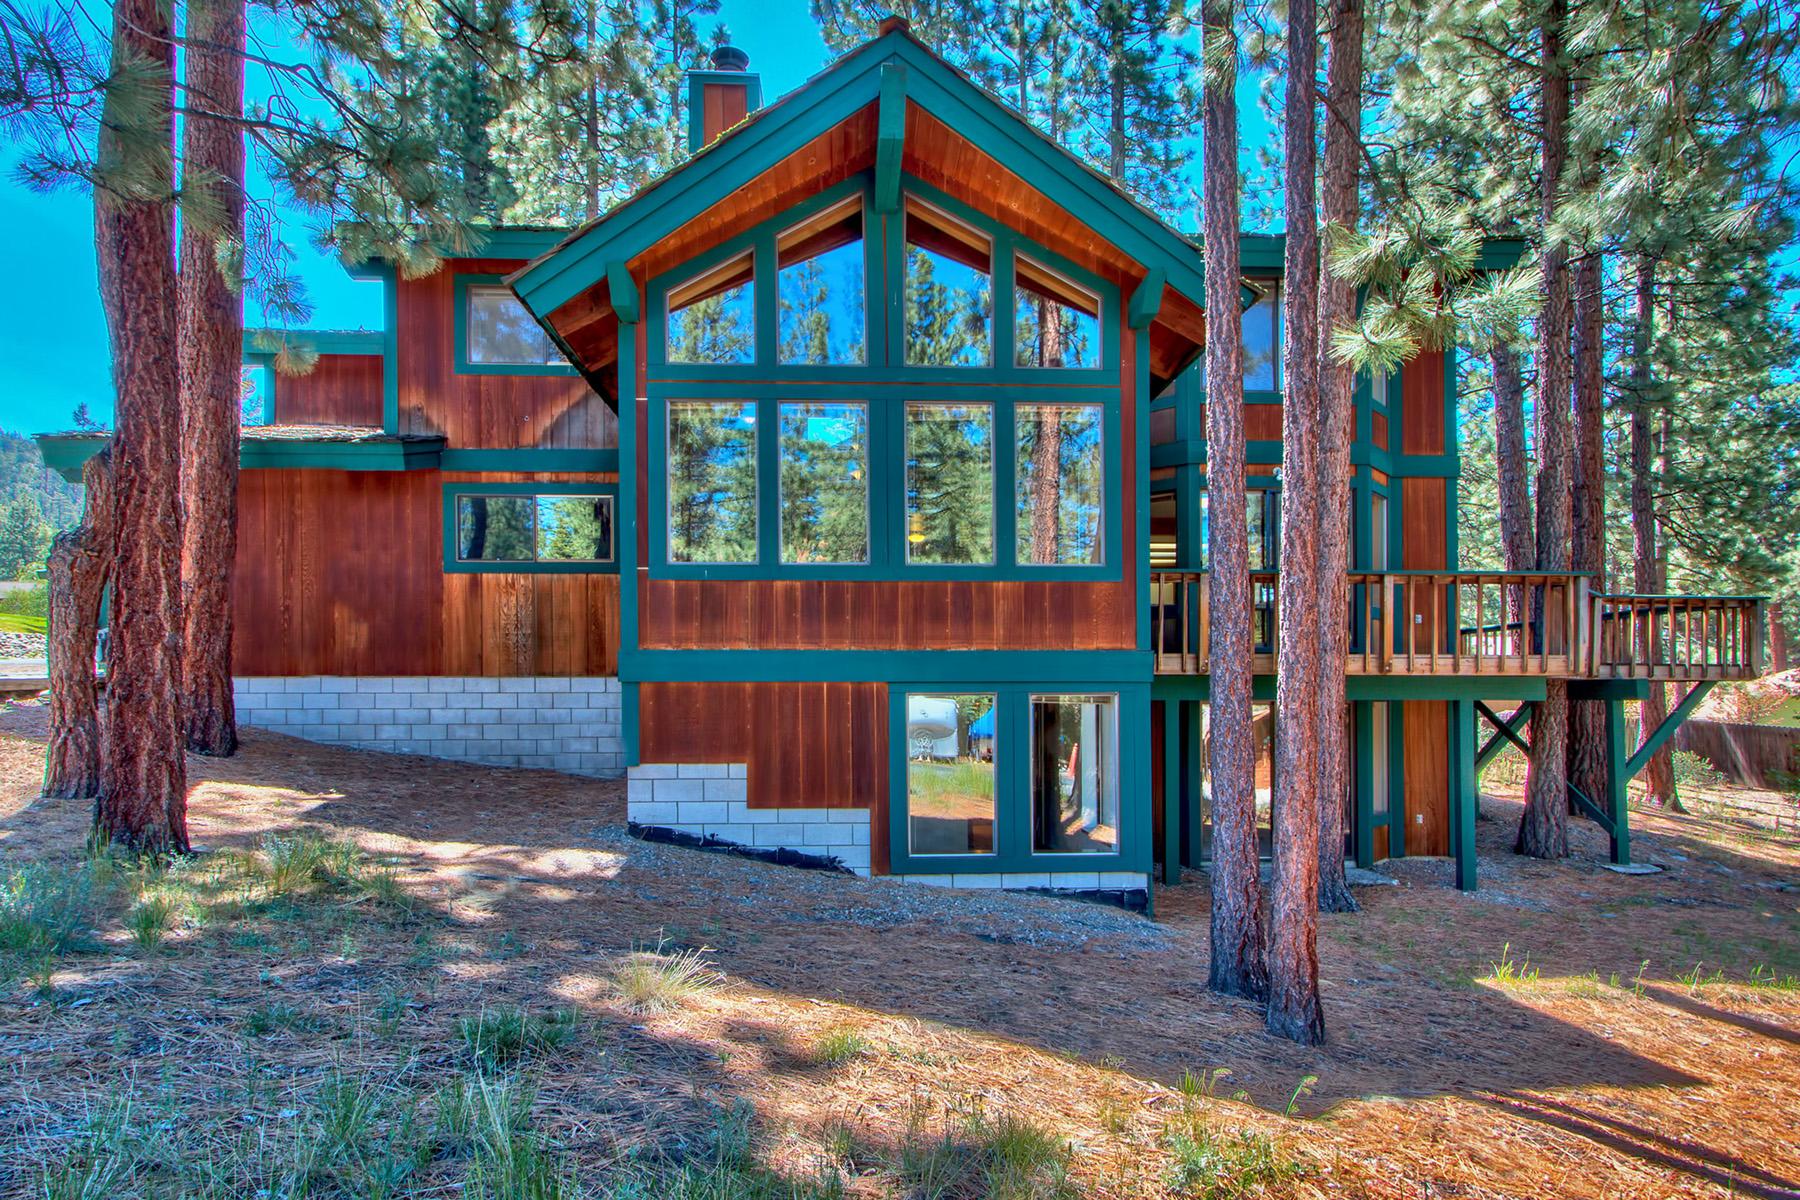 단독 가정 주택 용 매매 에 292 Paiute Drive Zephyr Cove, 네바다 89448 미국